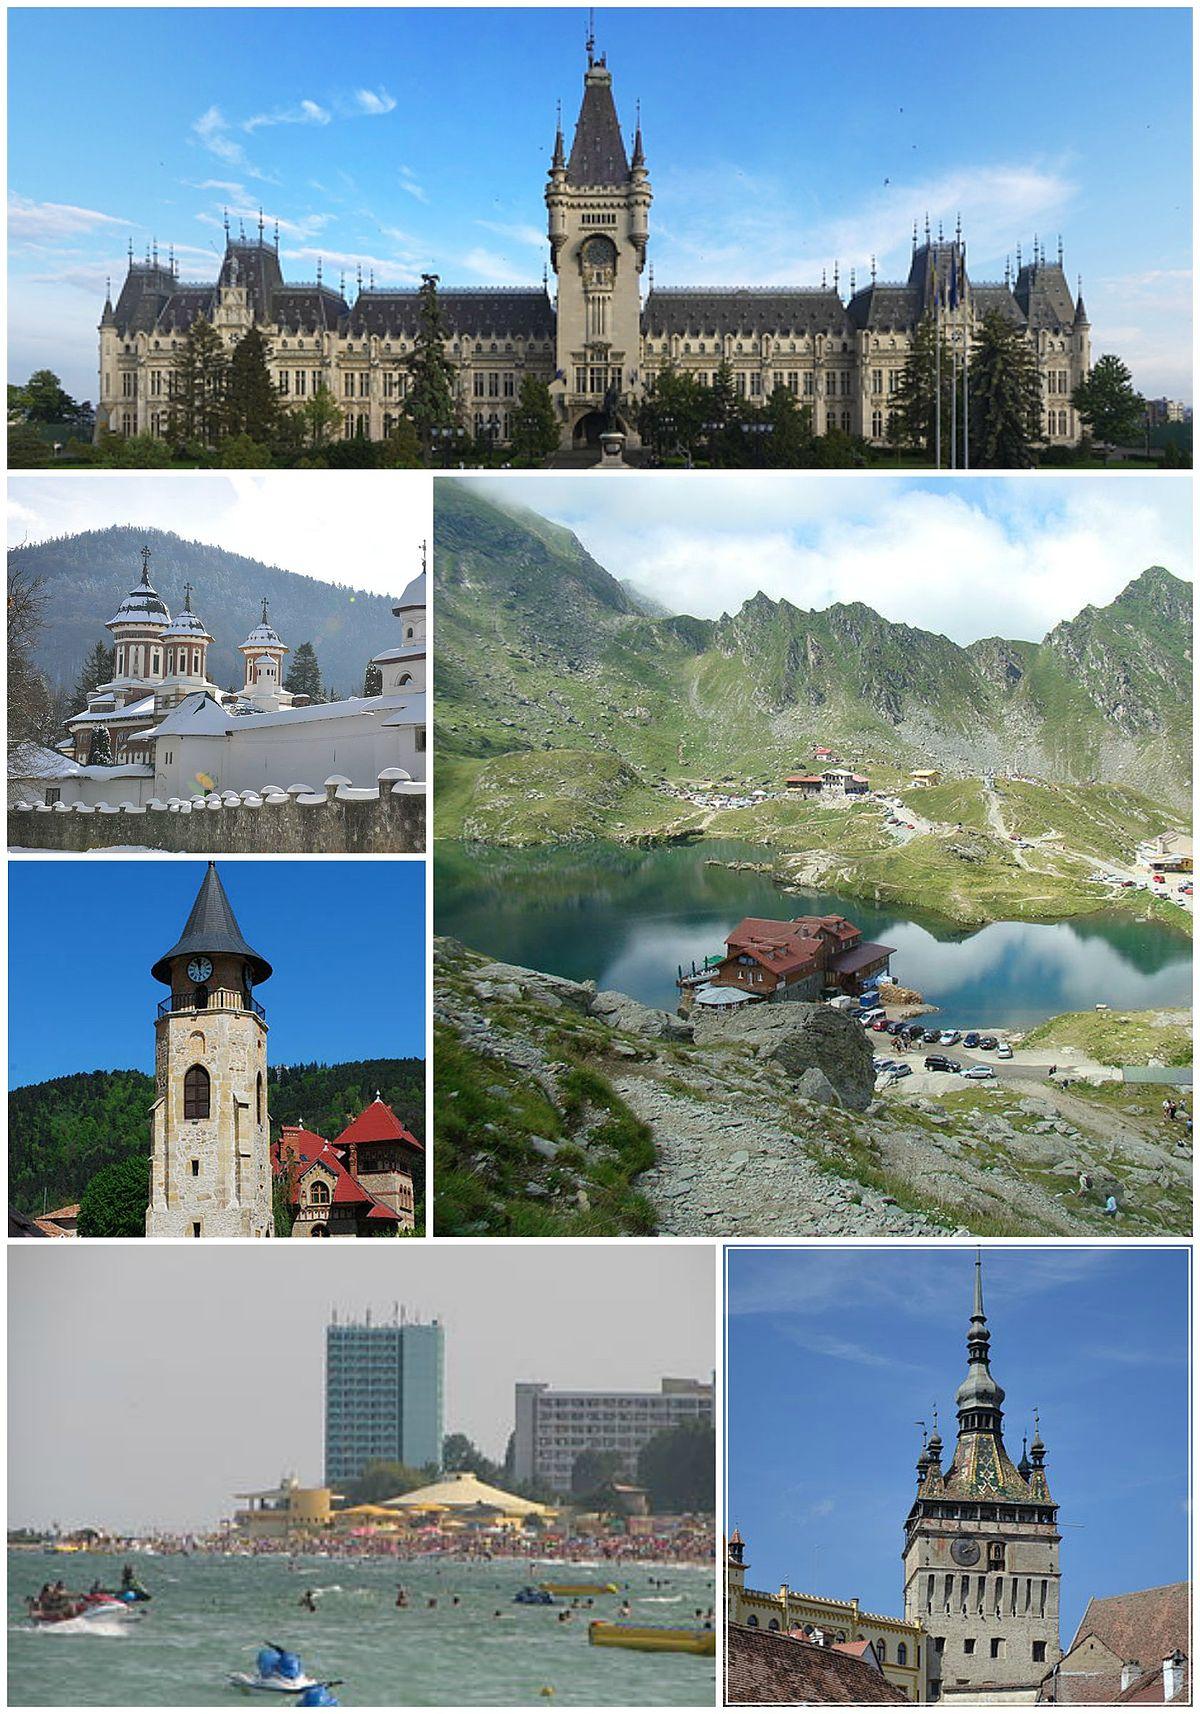 Turismo en Rumania - Wikipedia, la enciclopedia libre